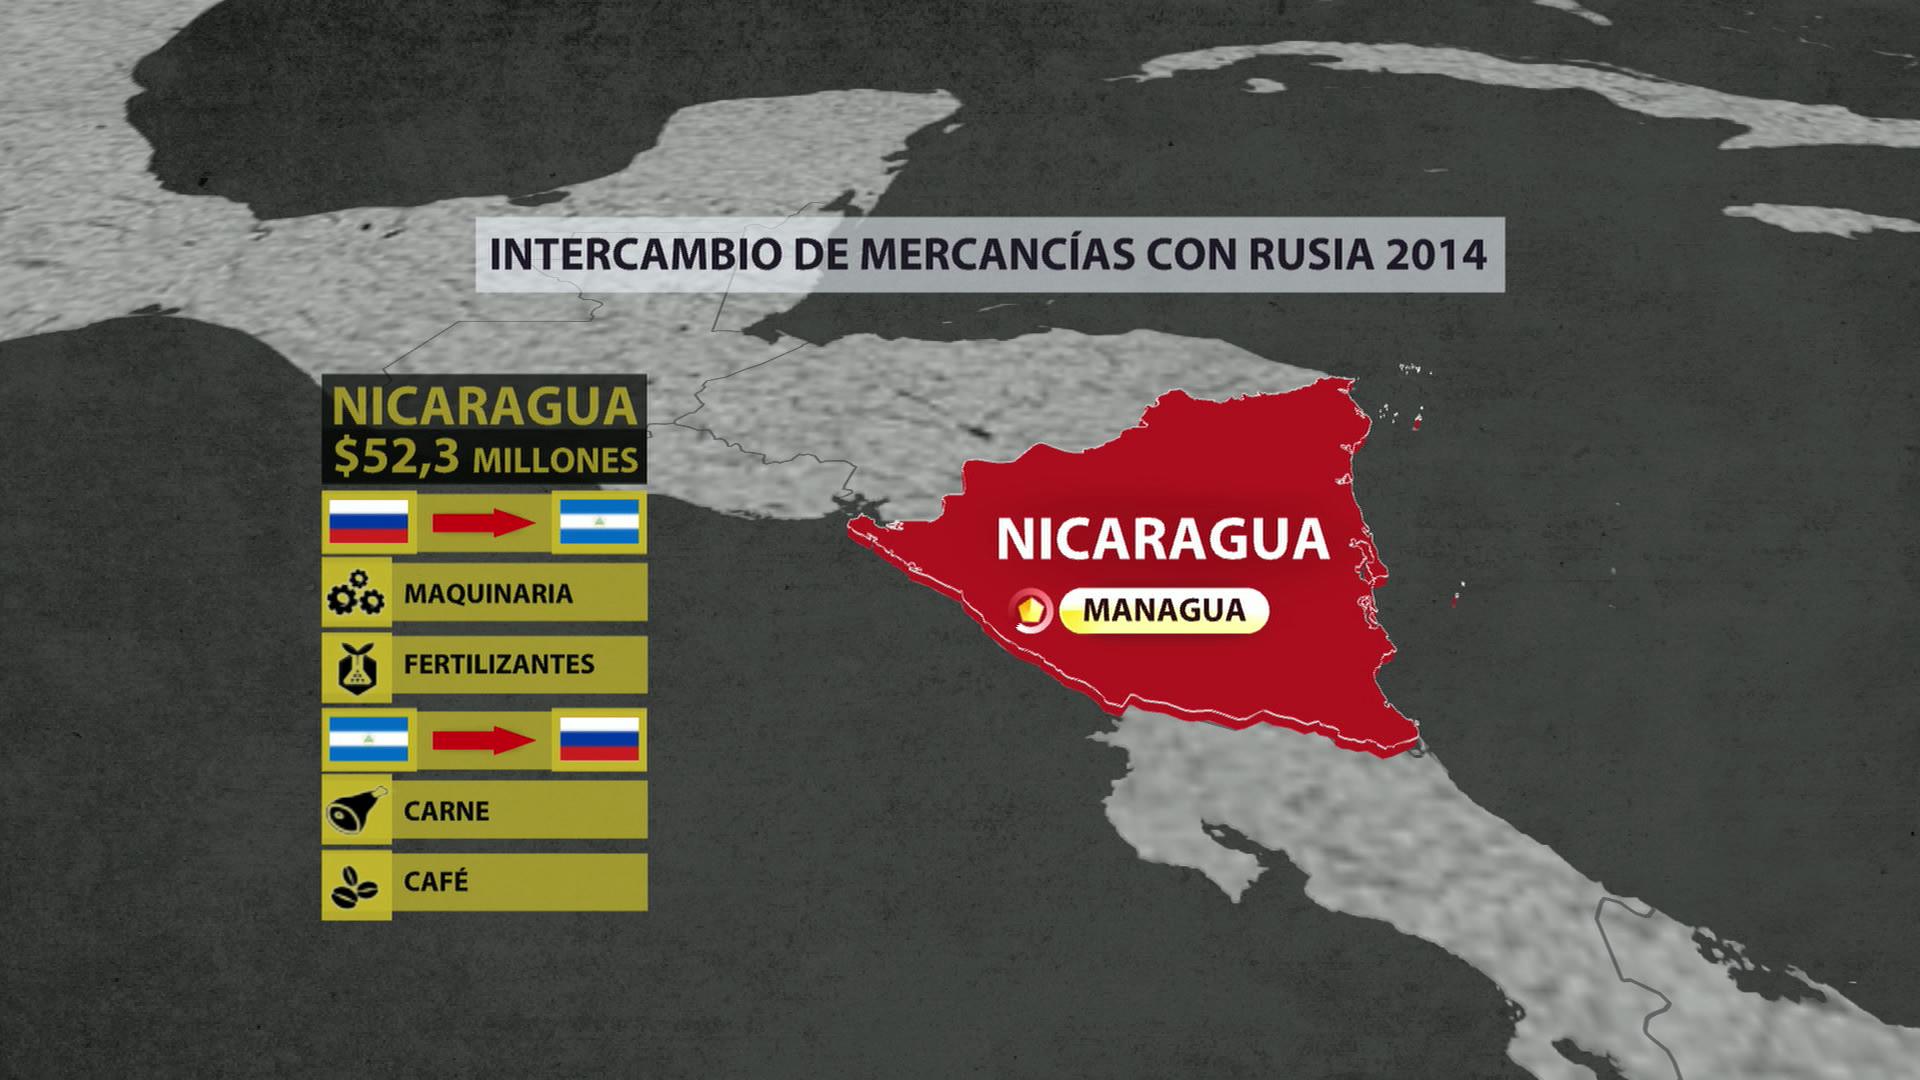 Nicaragua. Intercambio de mercancías con Rusia